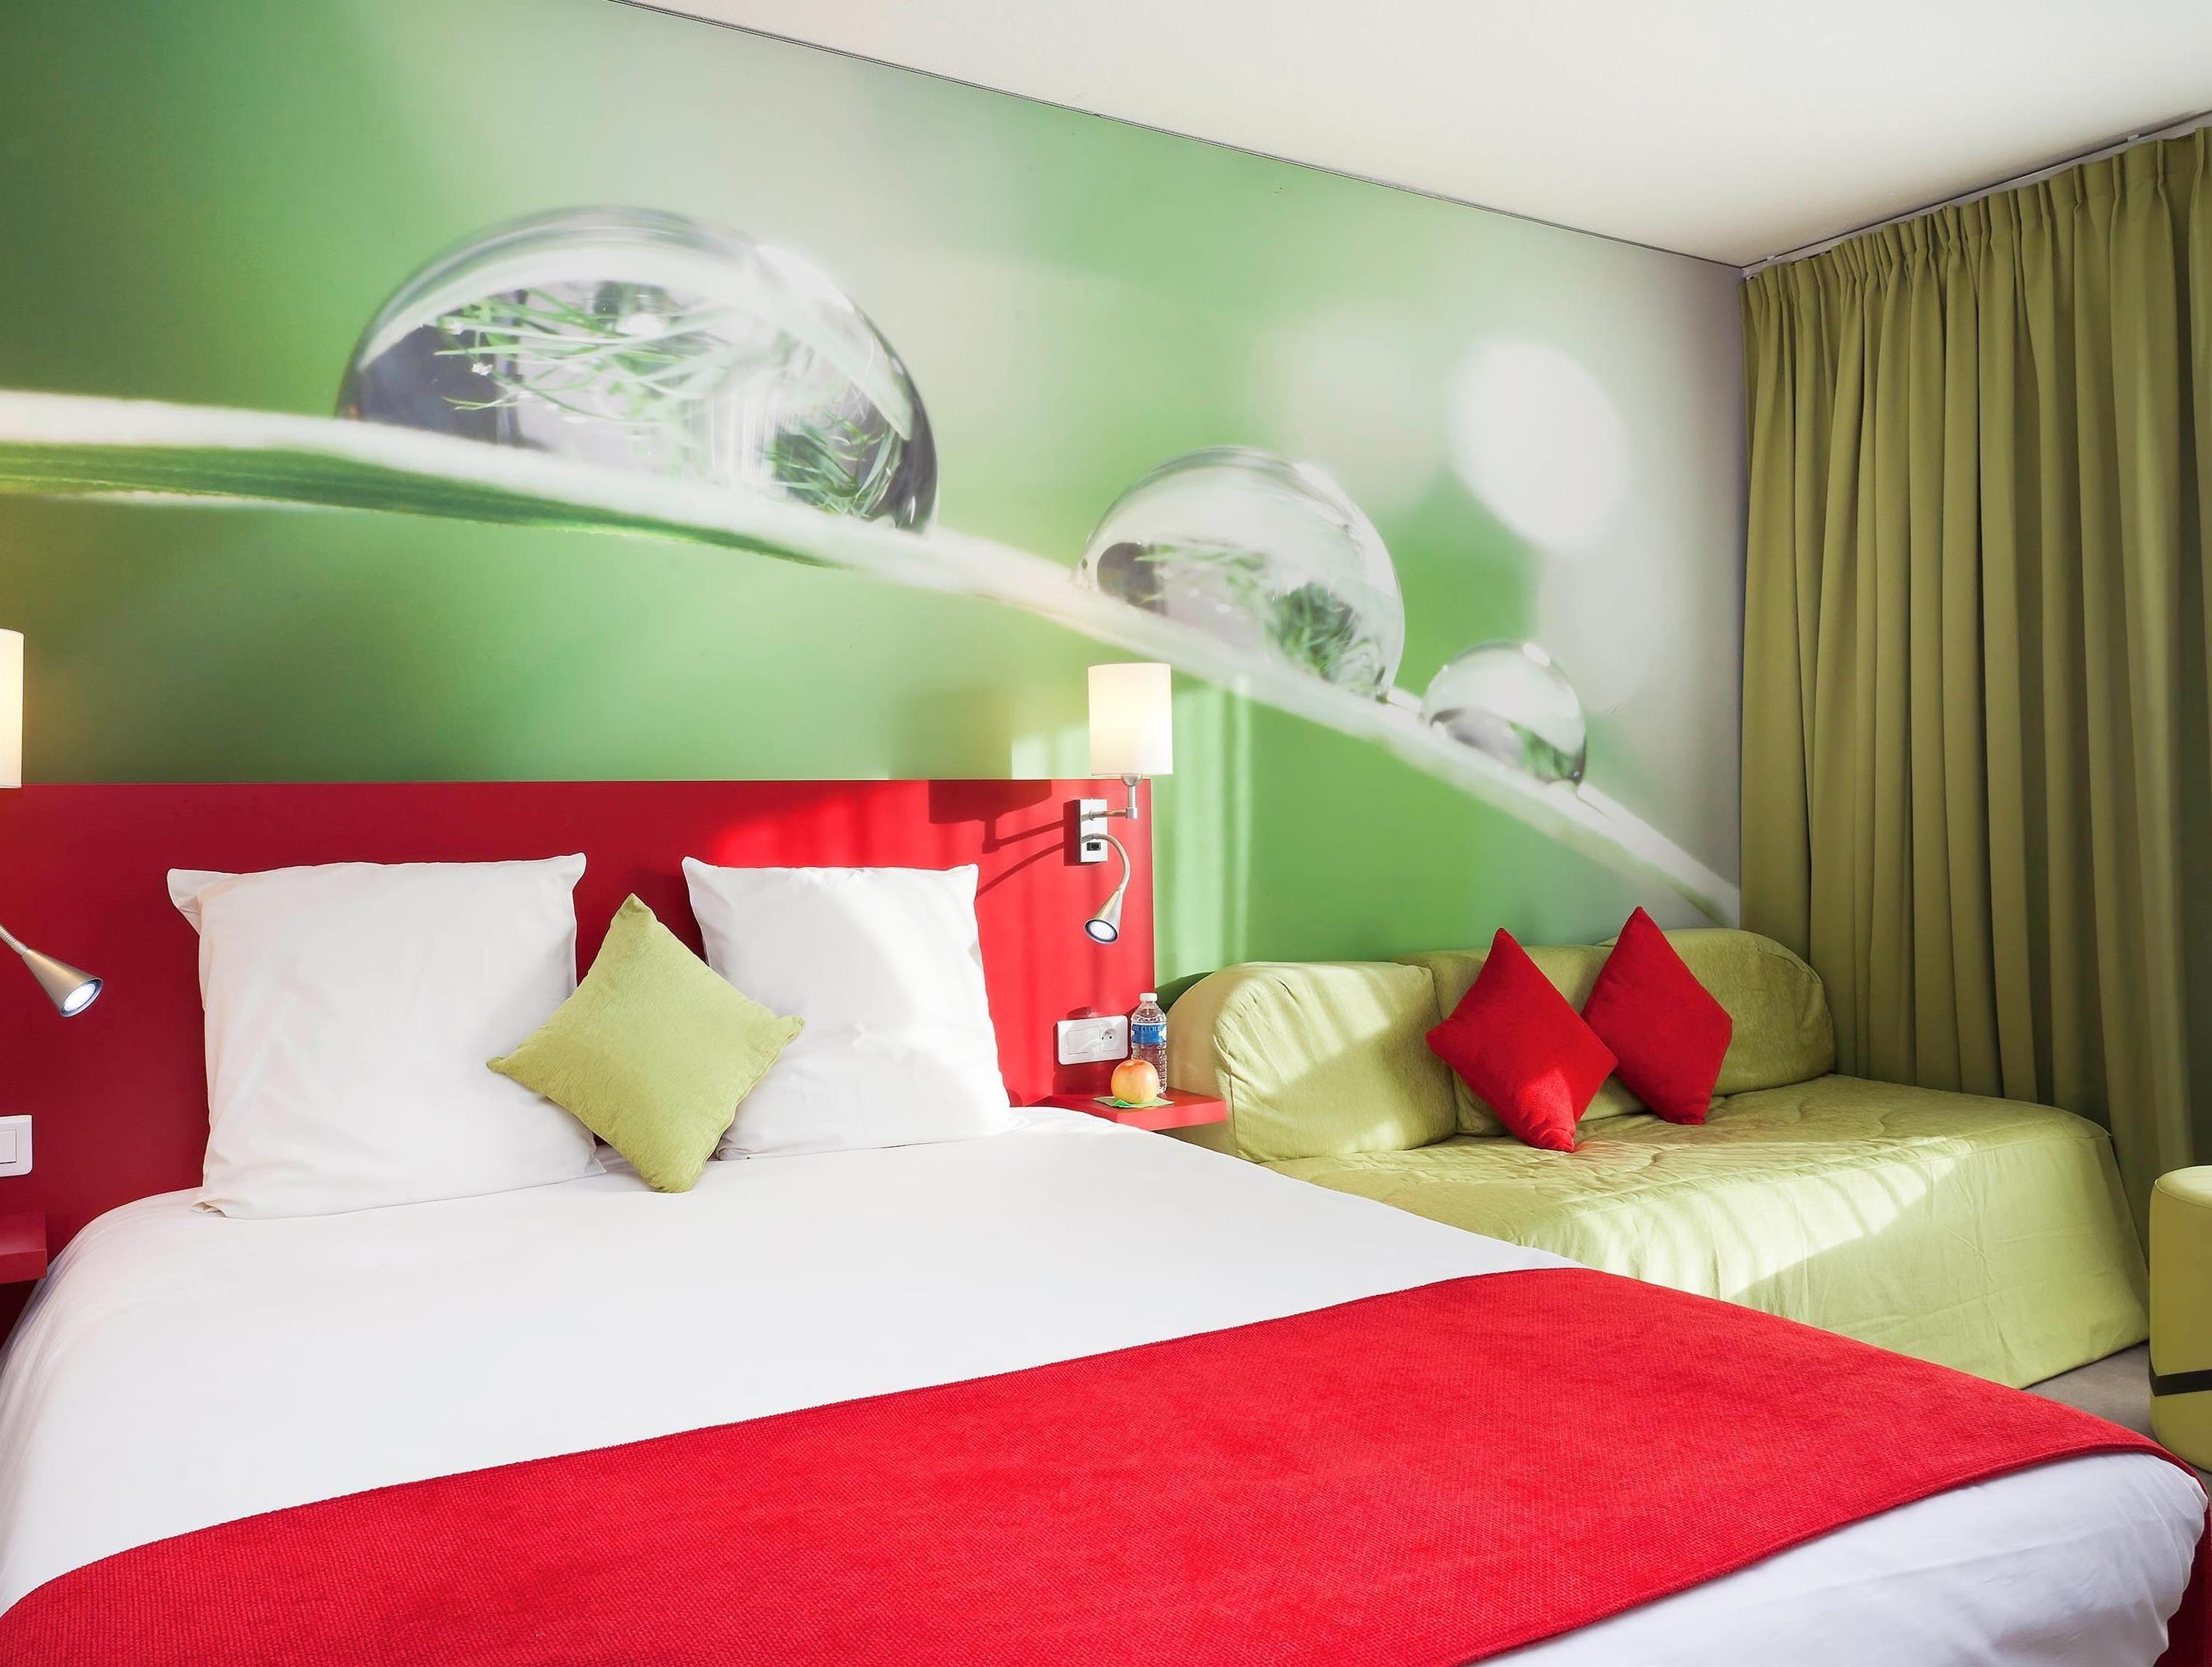 Hotel Avignon Ibis Styles Avignon Sud Hotel En 2020 Avignon Provence Alpes Cote D Azur Cote D Azur